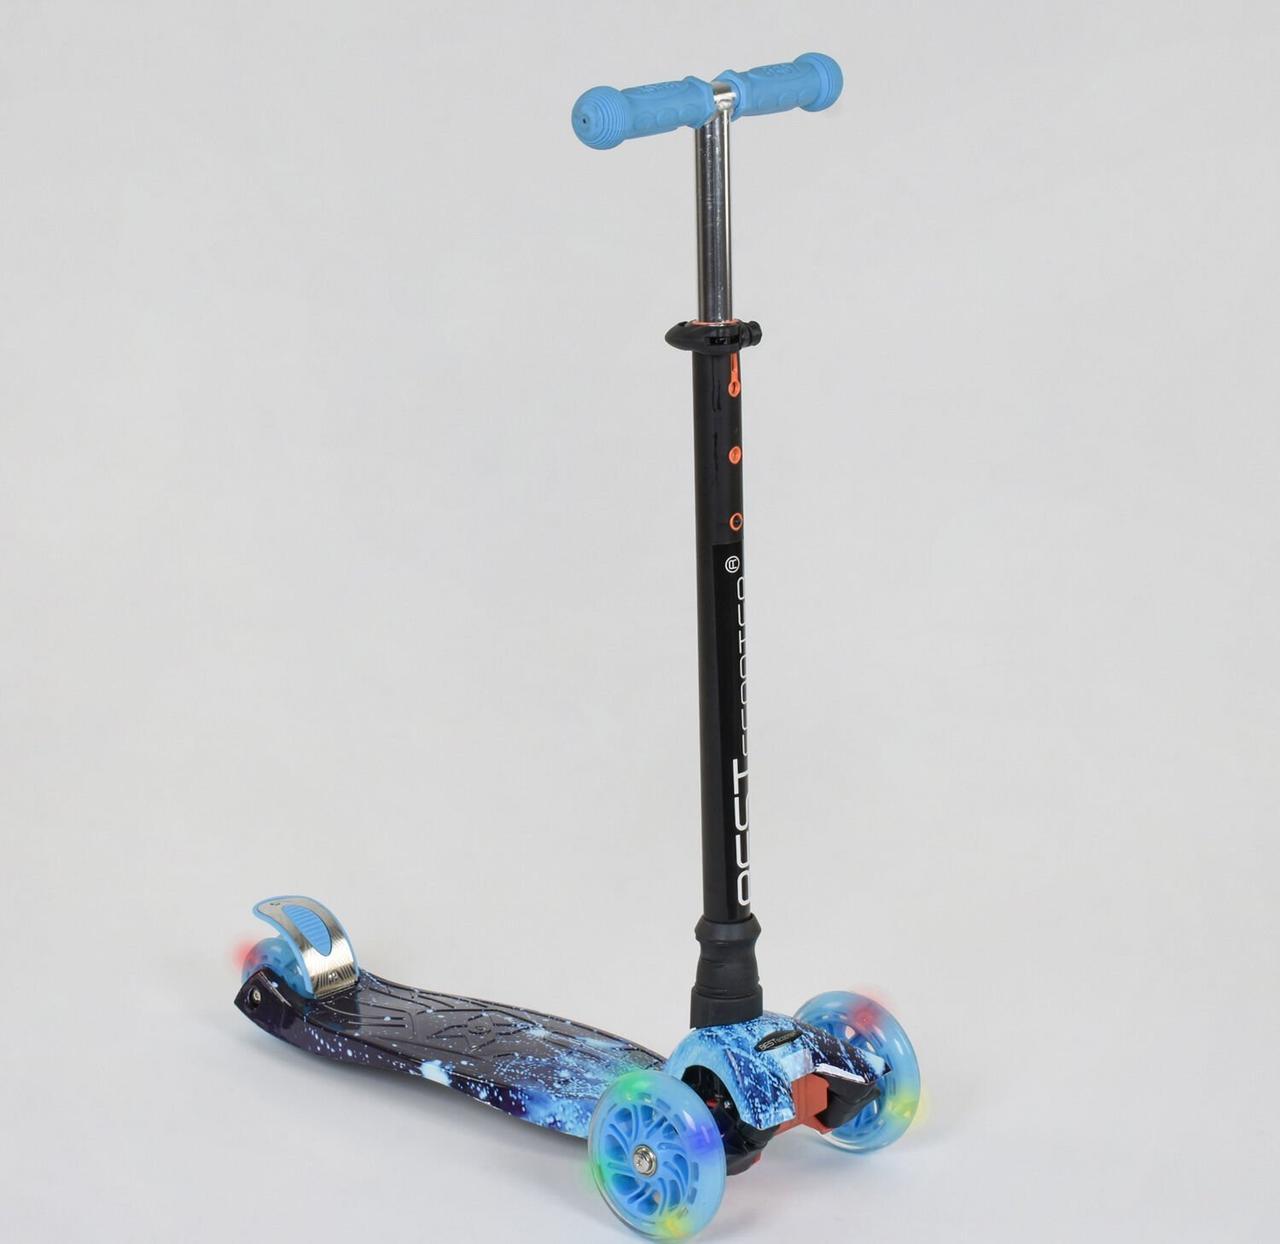 """Самокат MAXI """"Best Scooter"""" пластмассовый, 4 колеса PU, Свет, трубка руля алюминиевая, d=12см, в коробке"""